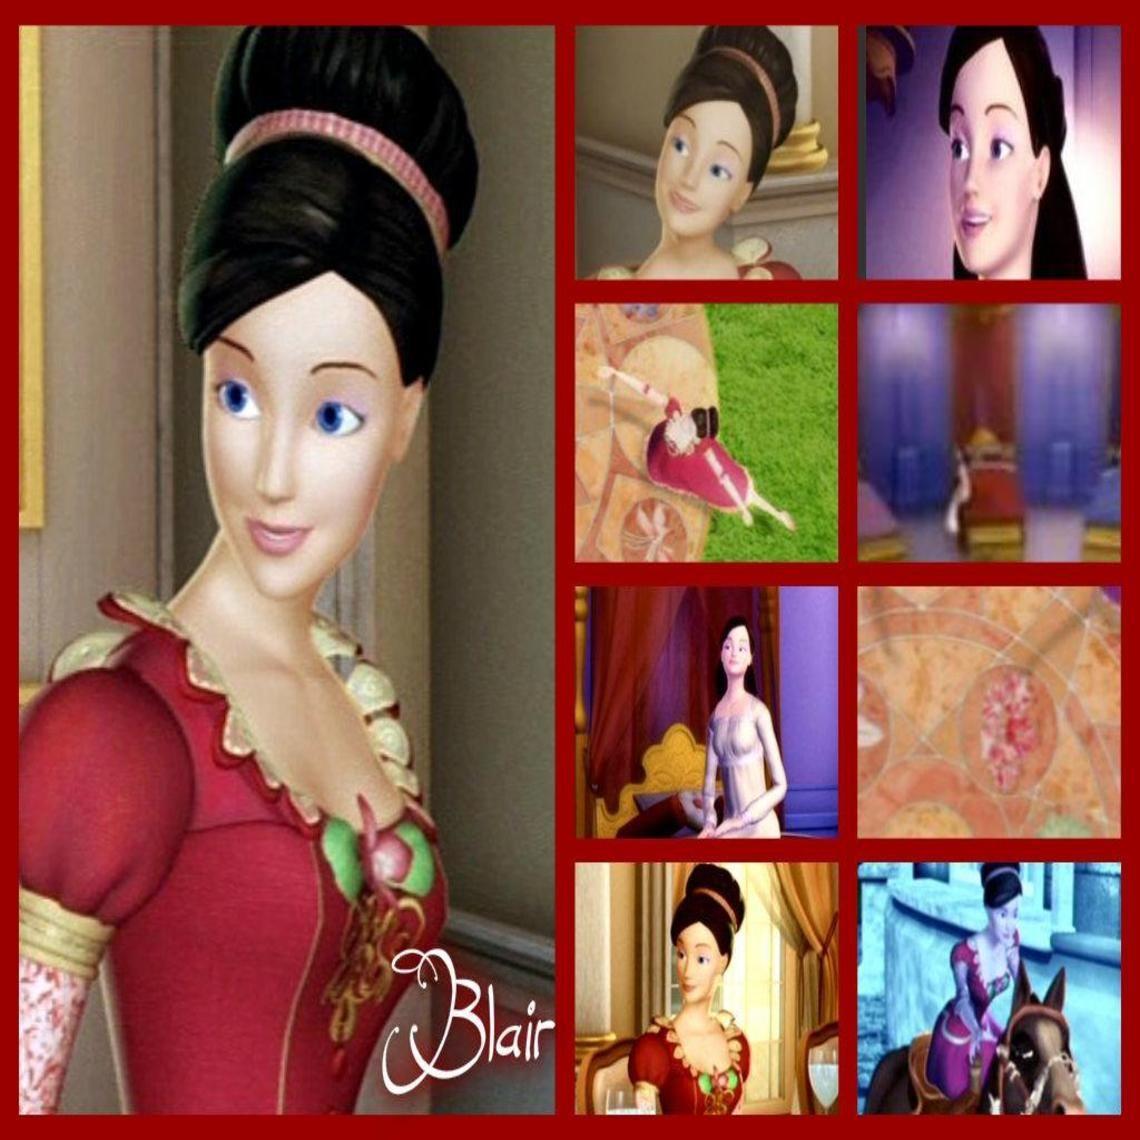 Blair barbie in the 12 dancing princesses wallpaper